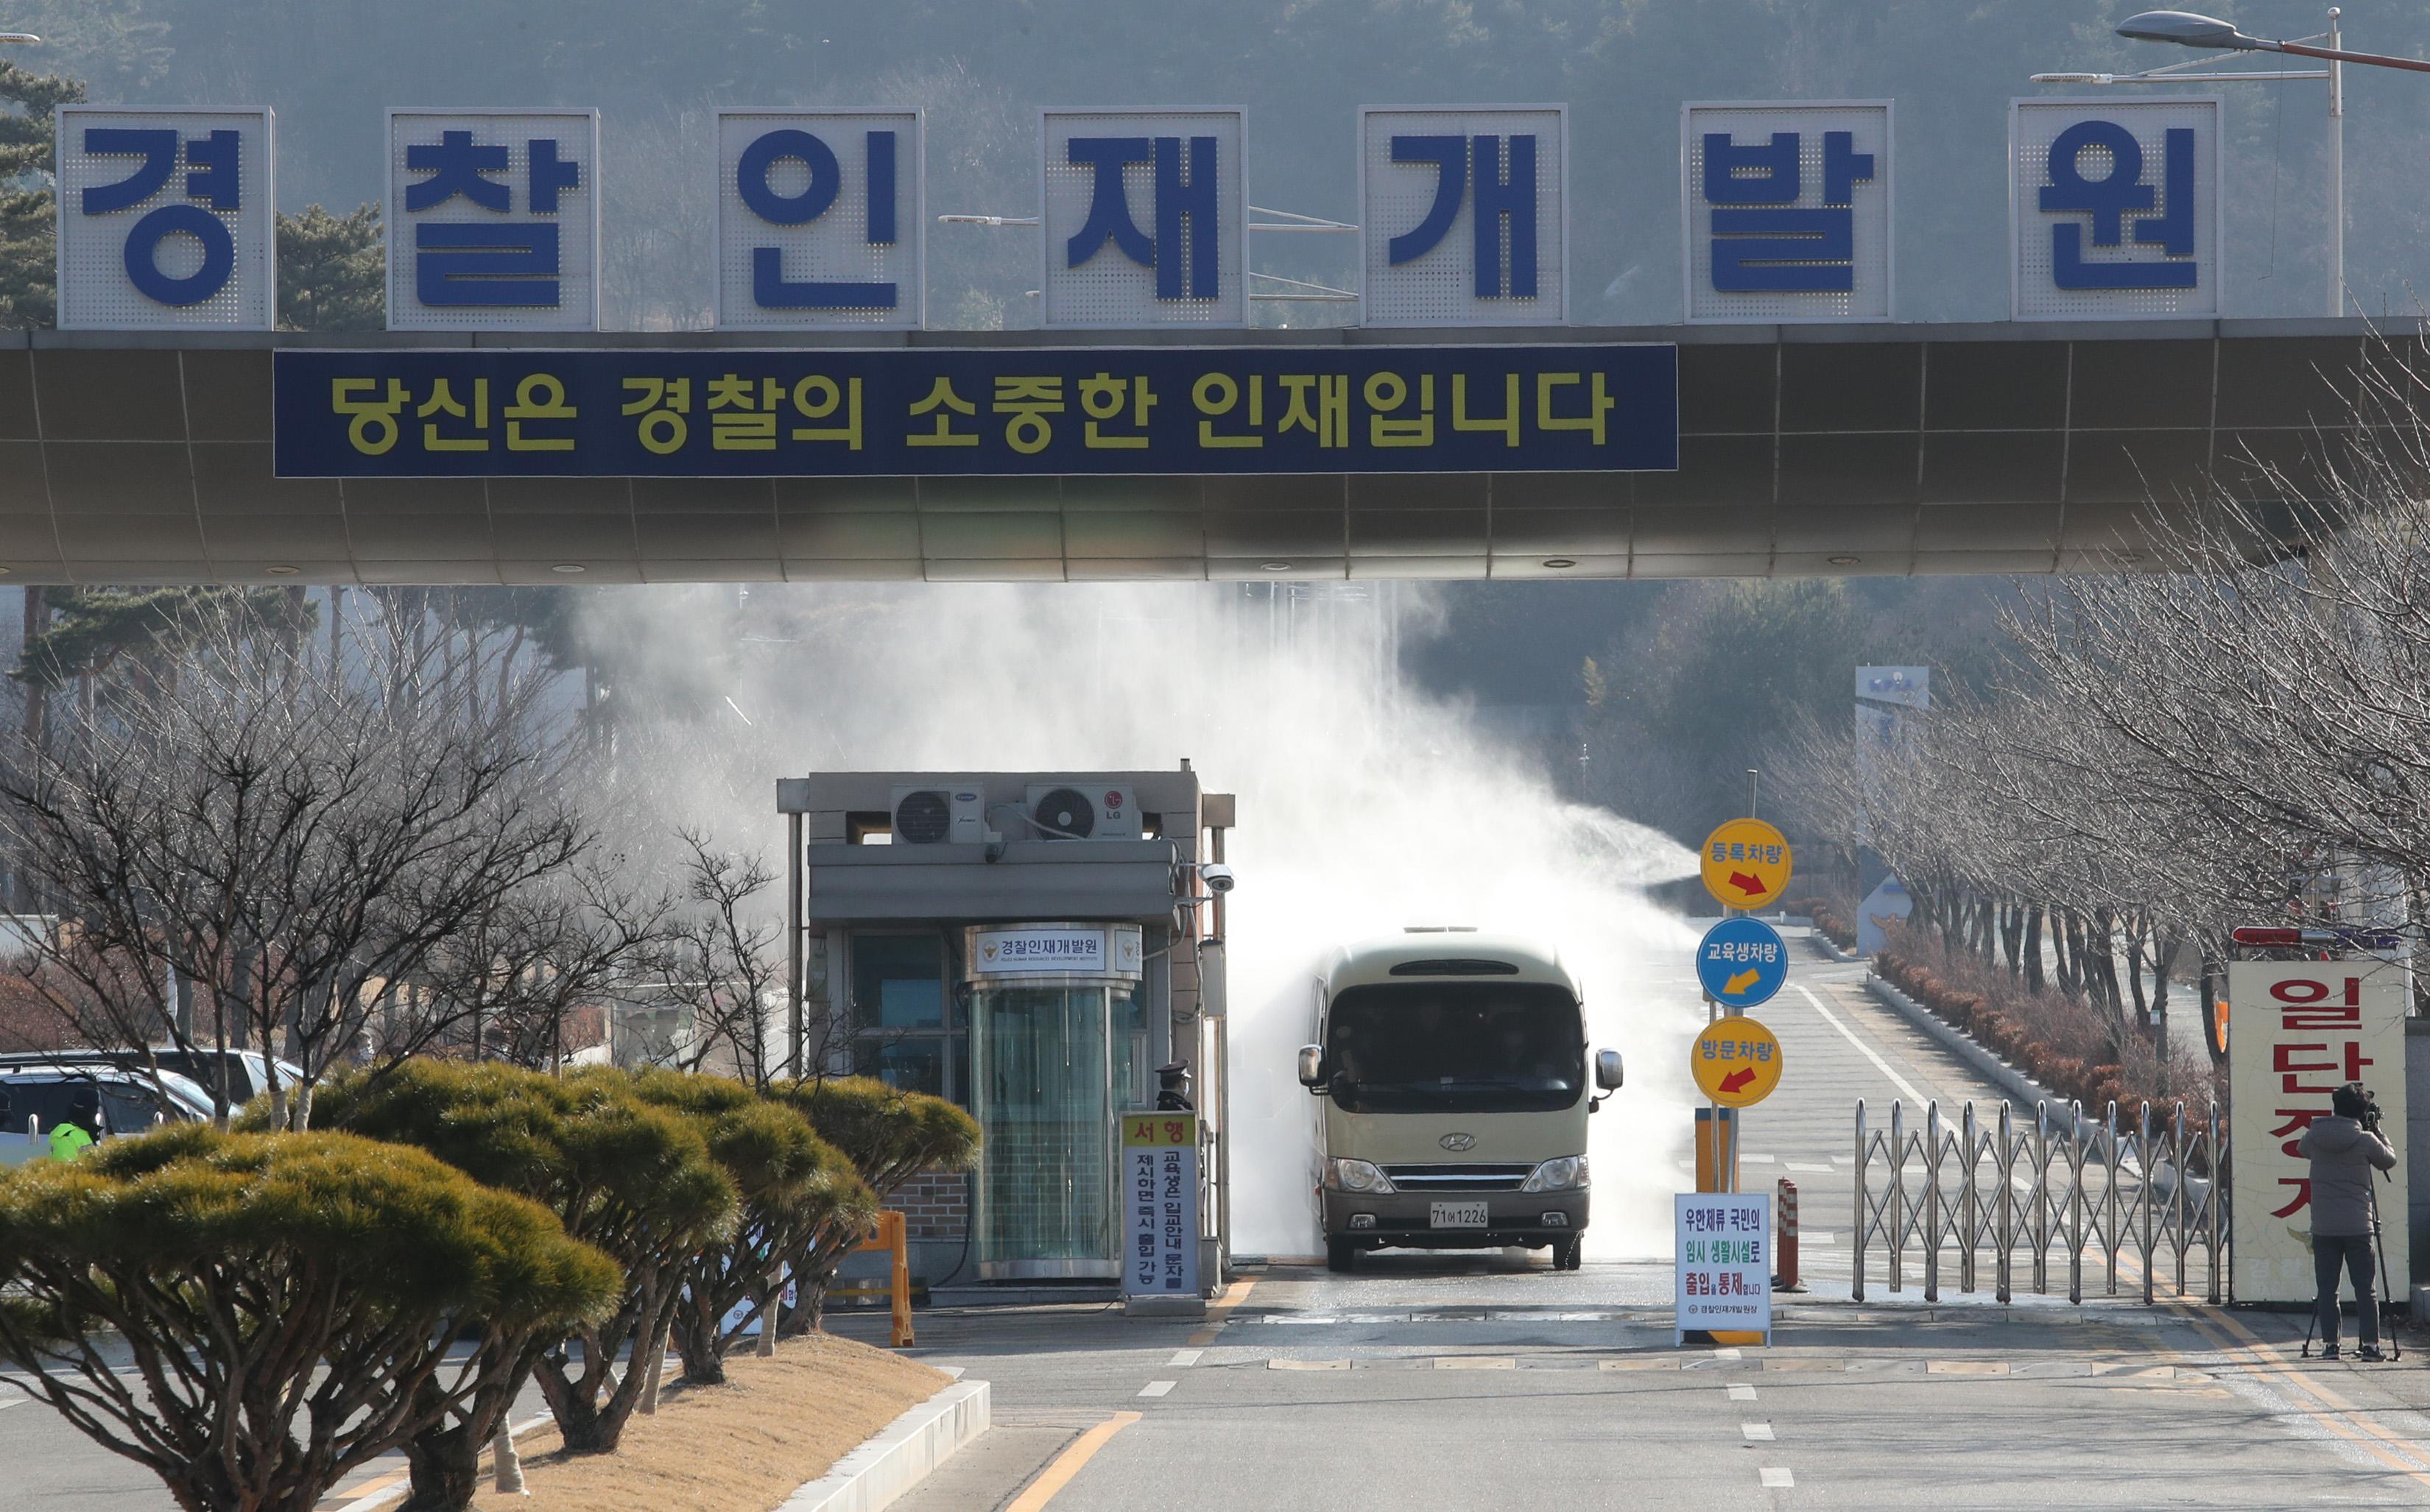 우한교민 임시시설을 떠나는 차량 소독